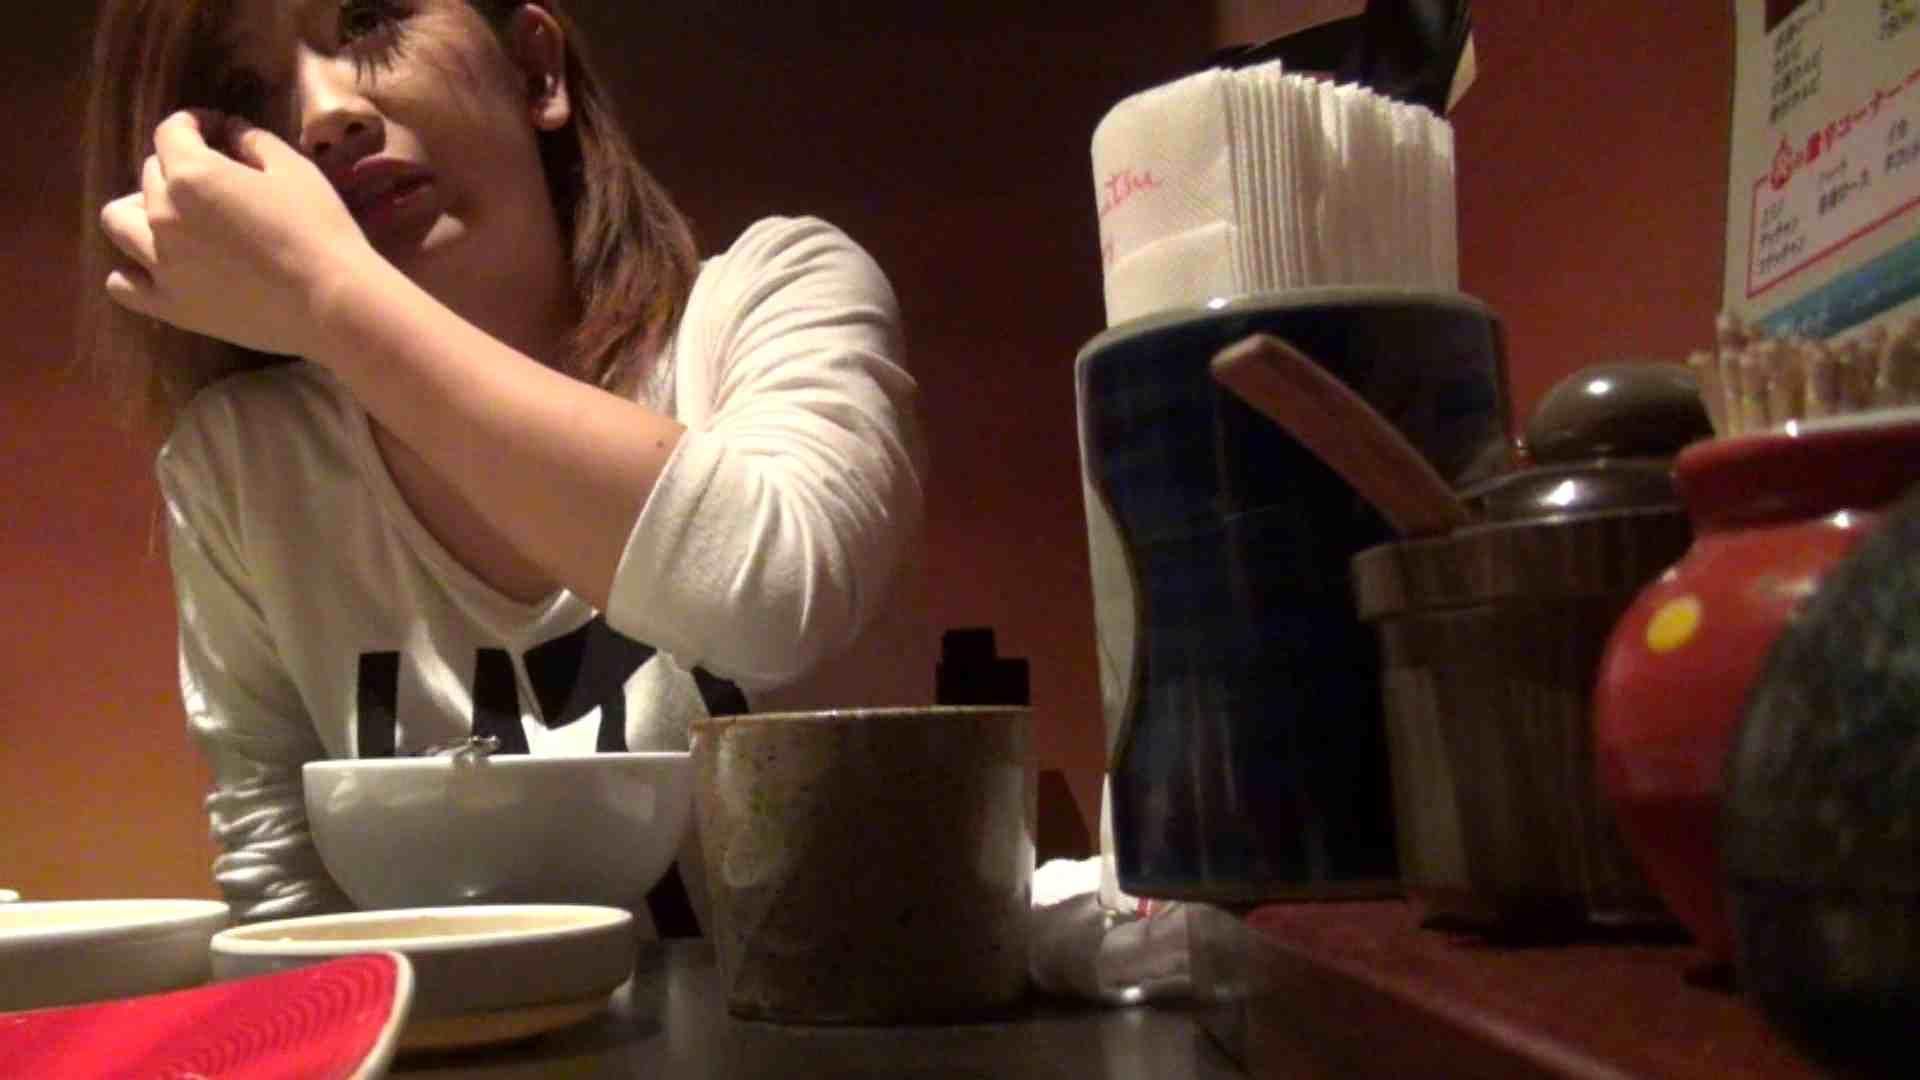 巨乳おまんこ:【出会い01】大助さんMちゃんと食事会:大奥